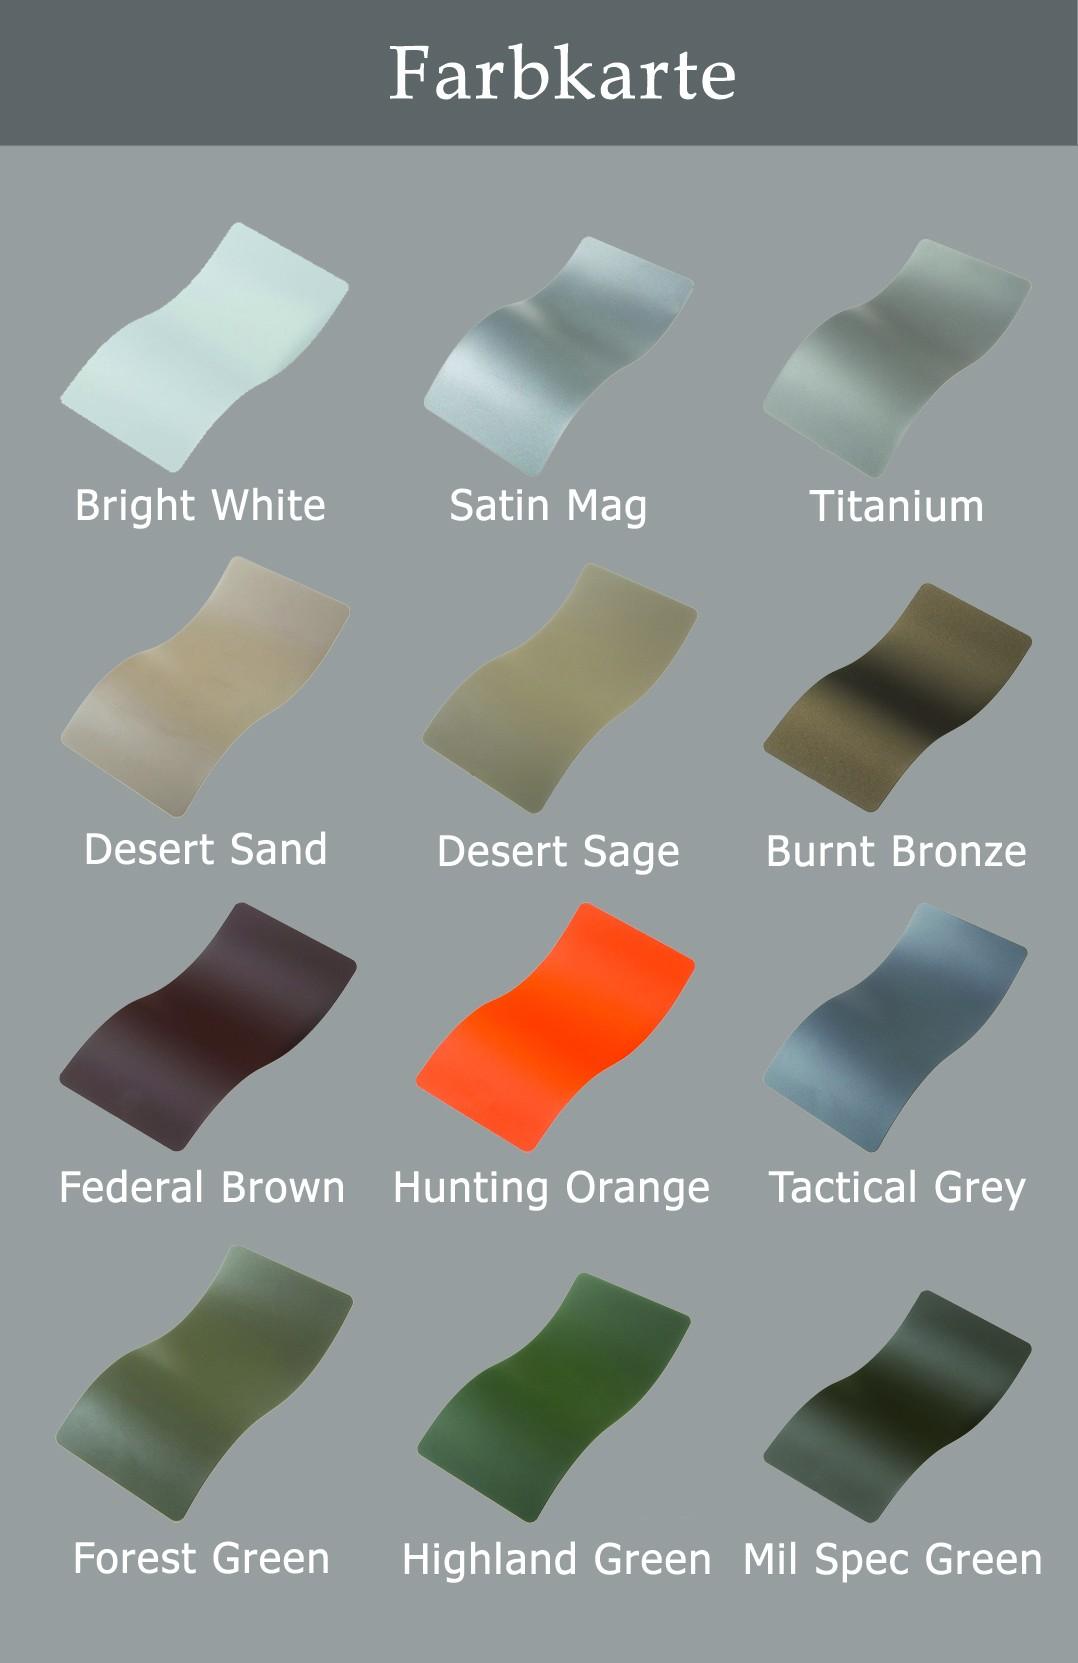 Farbkarte Keramic Beschichtung